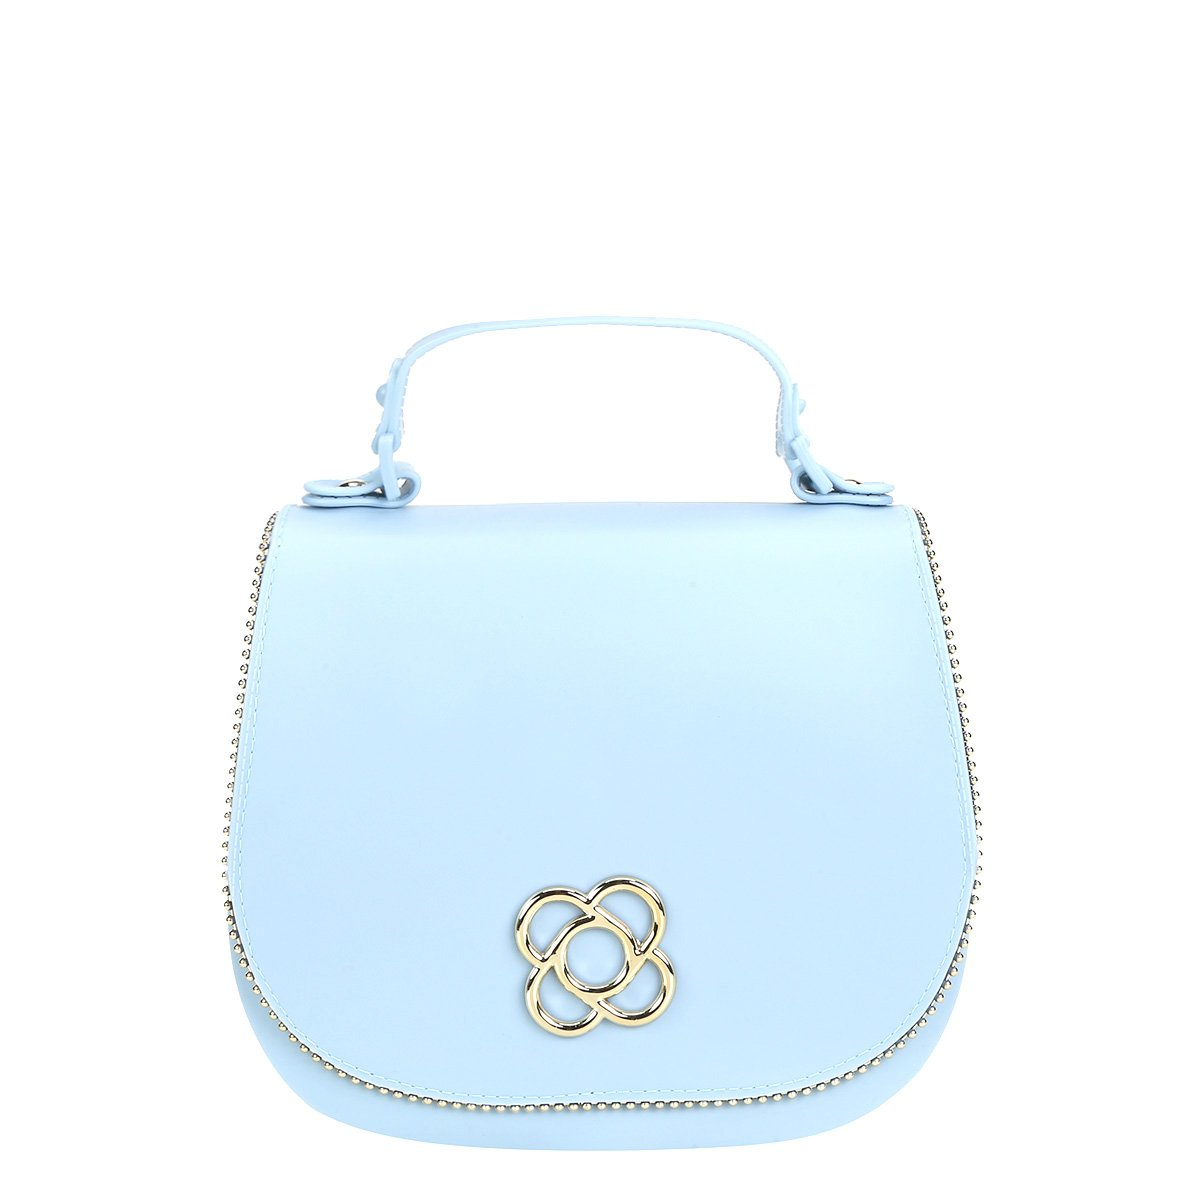 Jolie Bolsa Azul Petite Petite Saddle Bag Feminina Bolsa Mini Zpat7qw